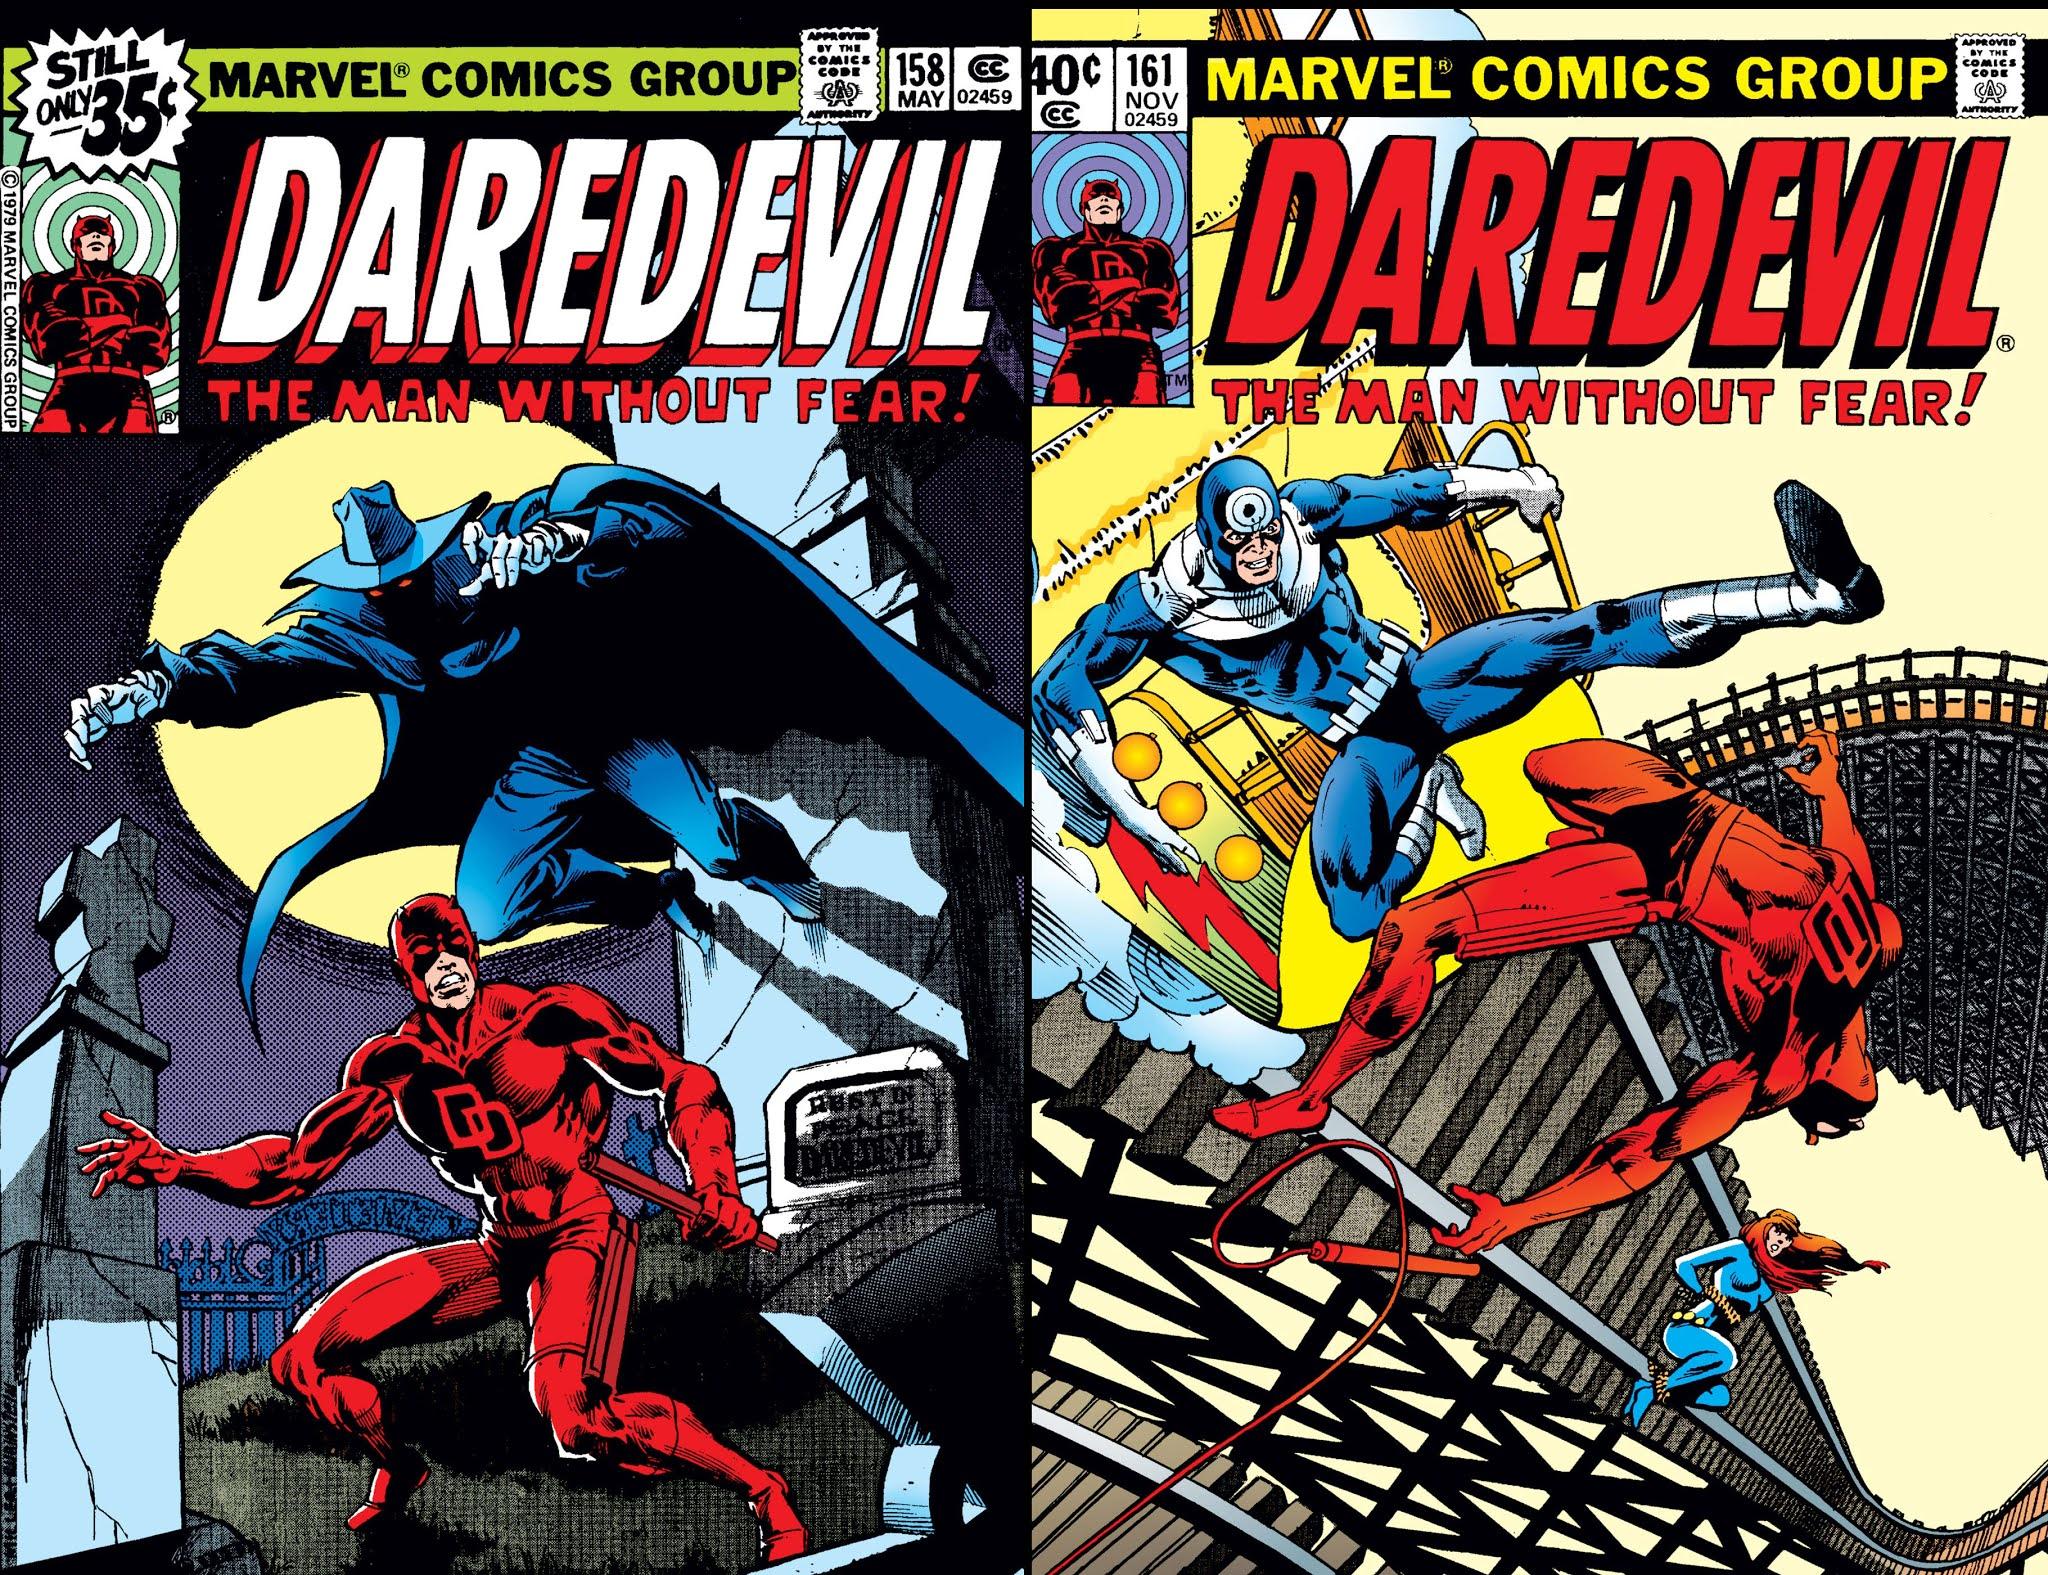 Daredevil-Frank-Miller